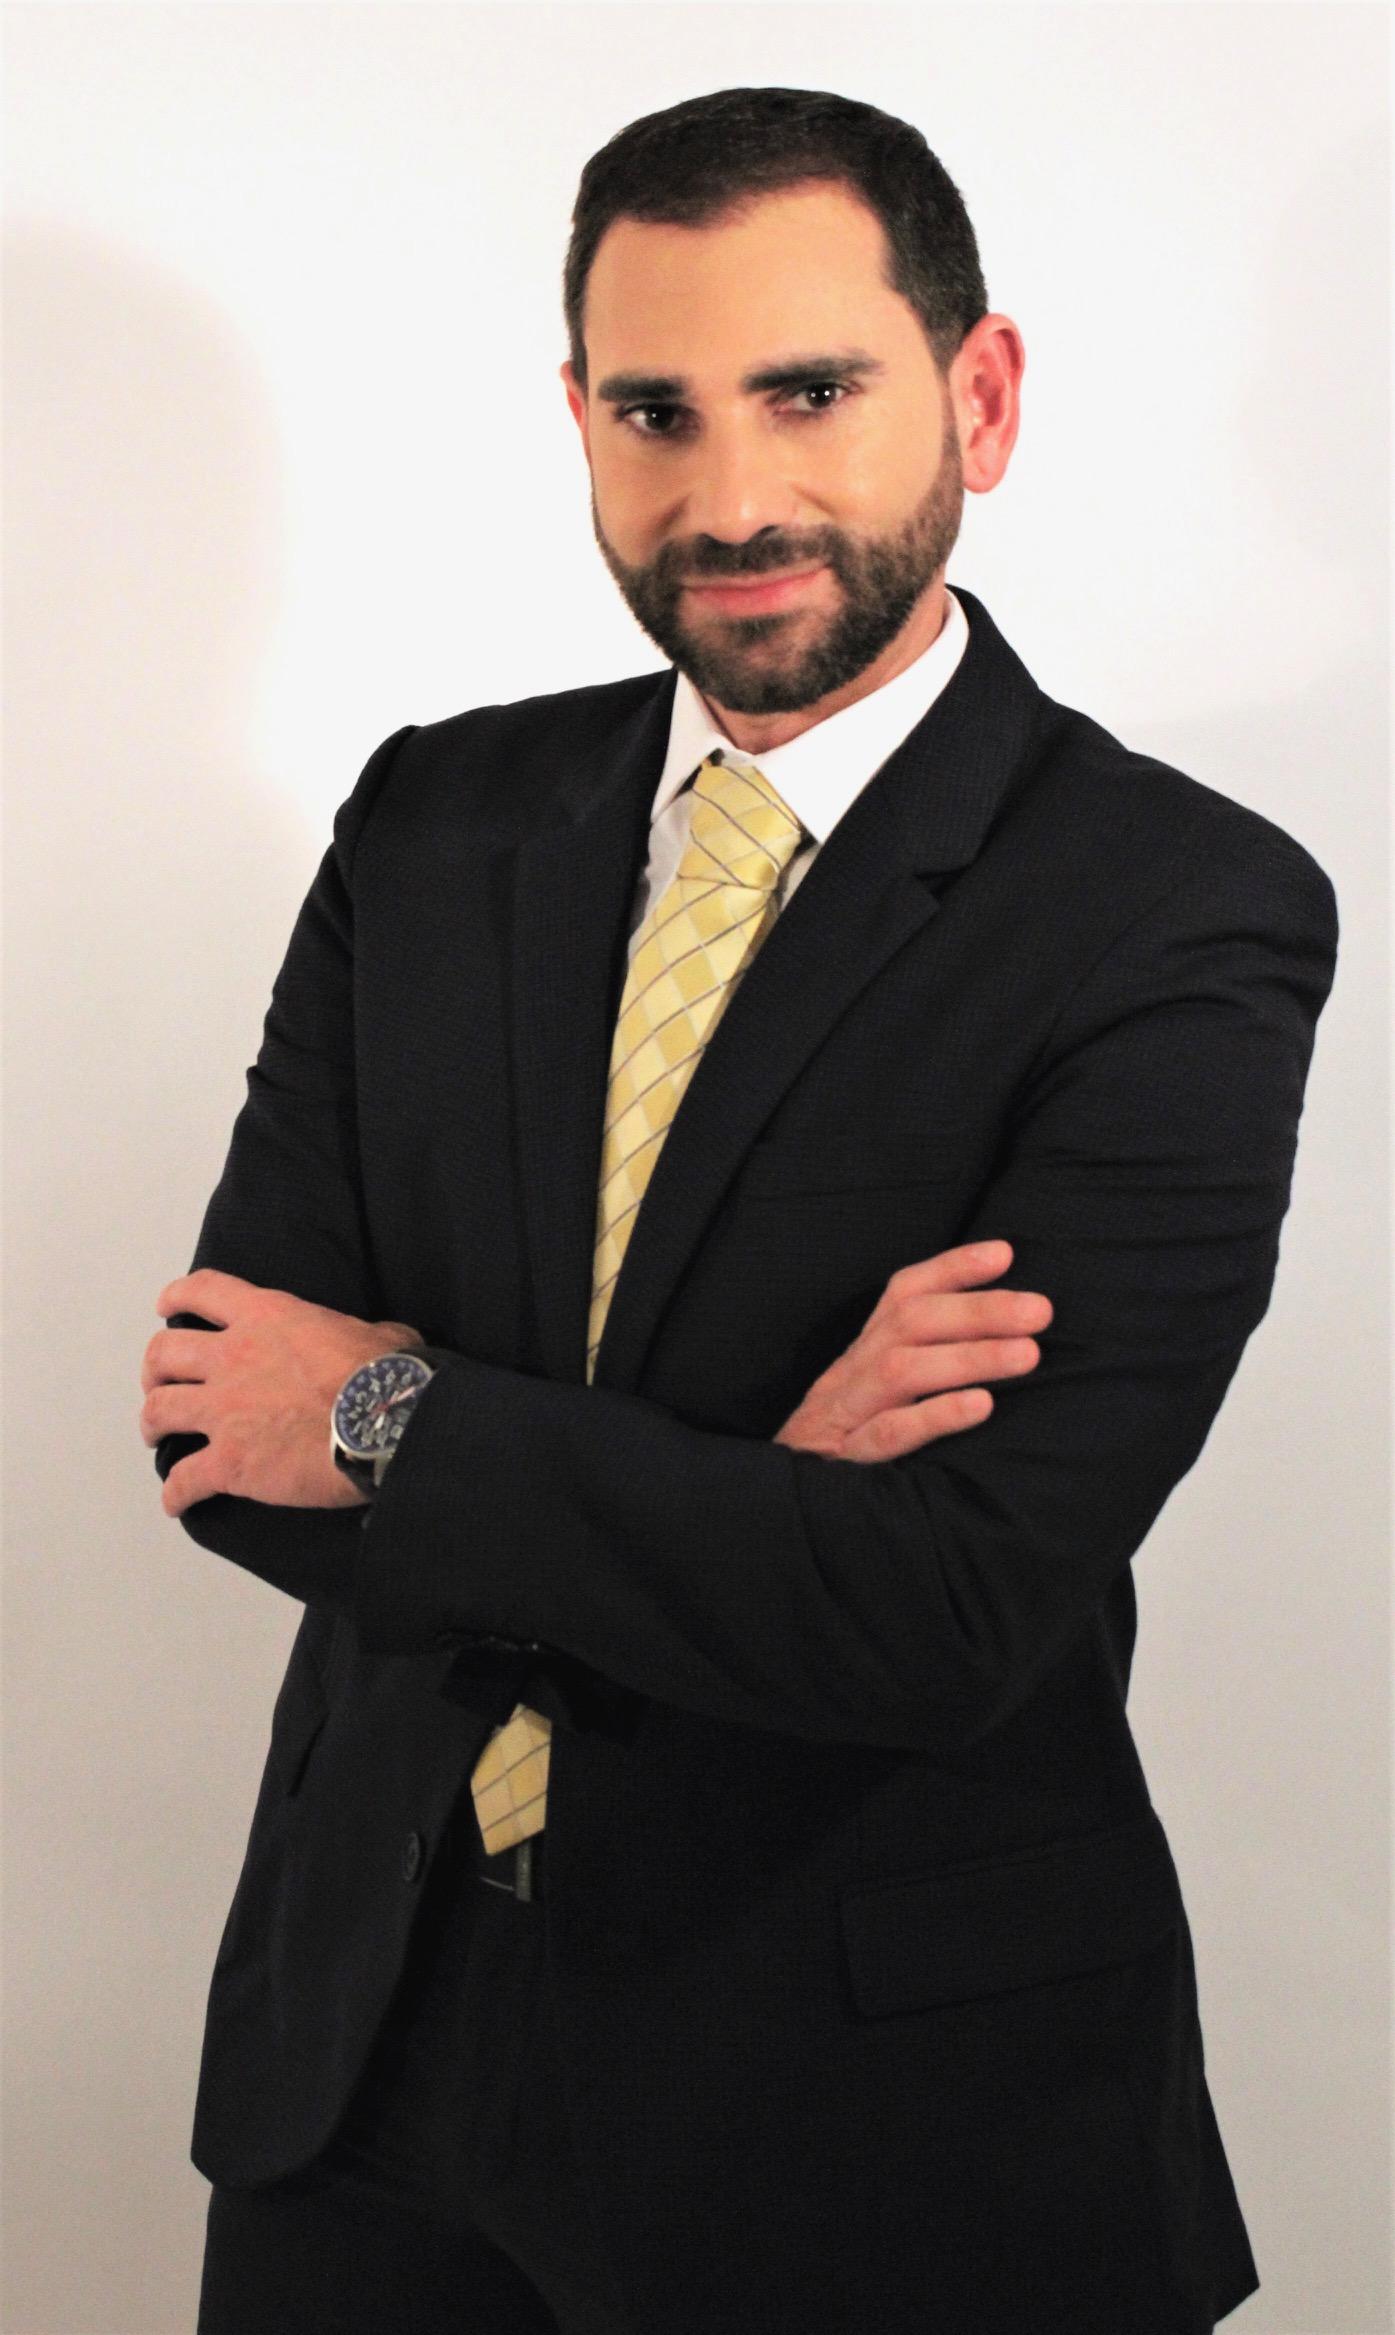 José Carlos Rocha Júnior